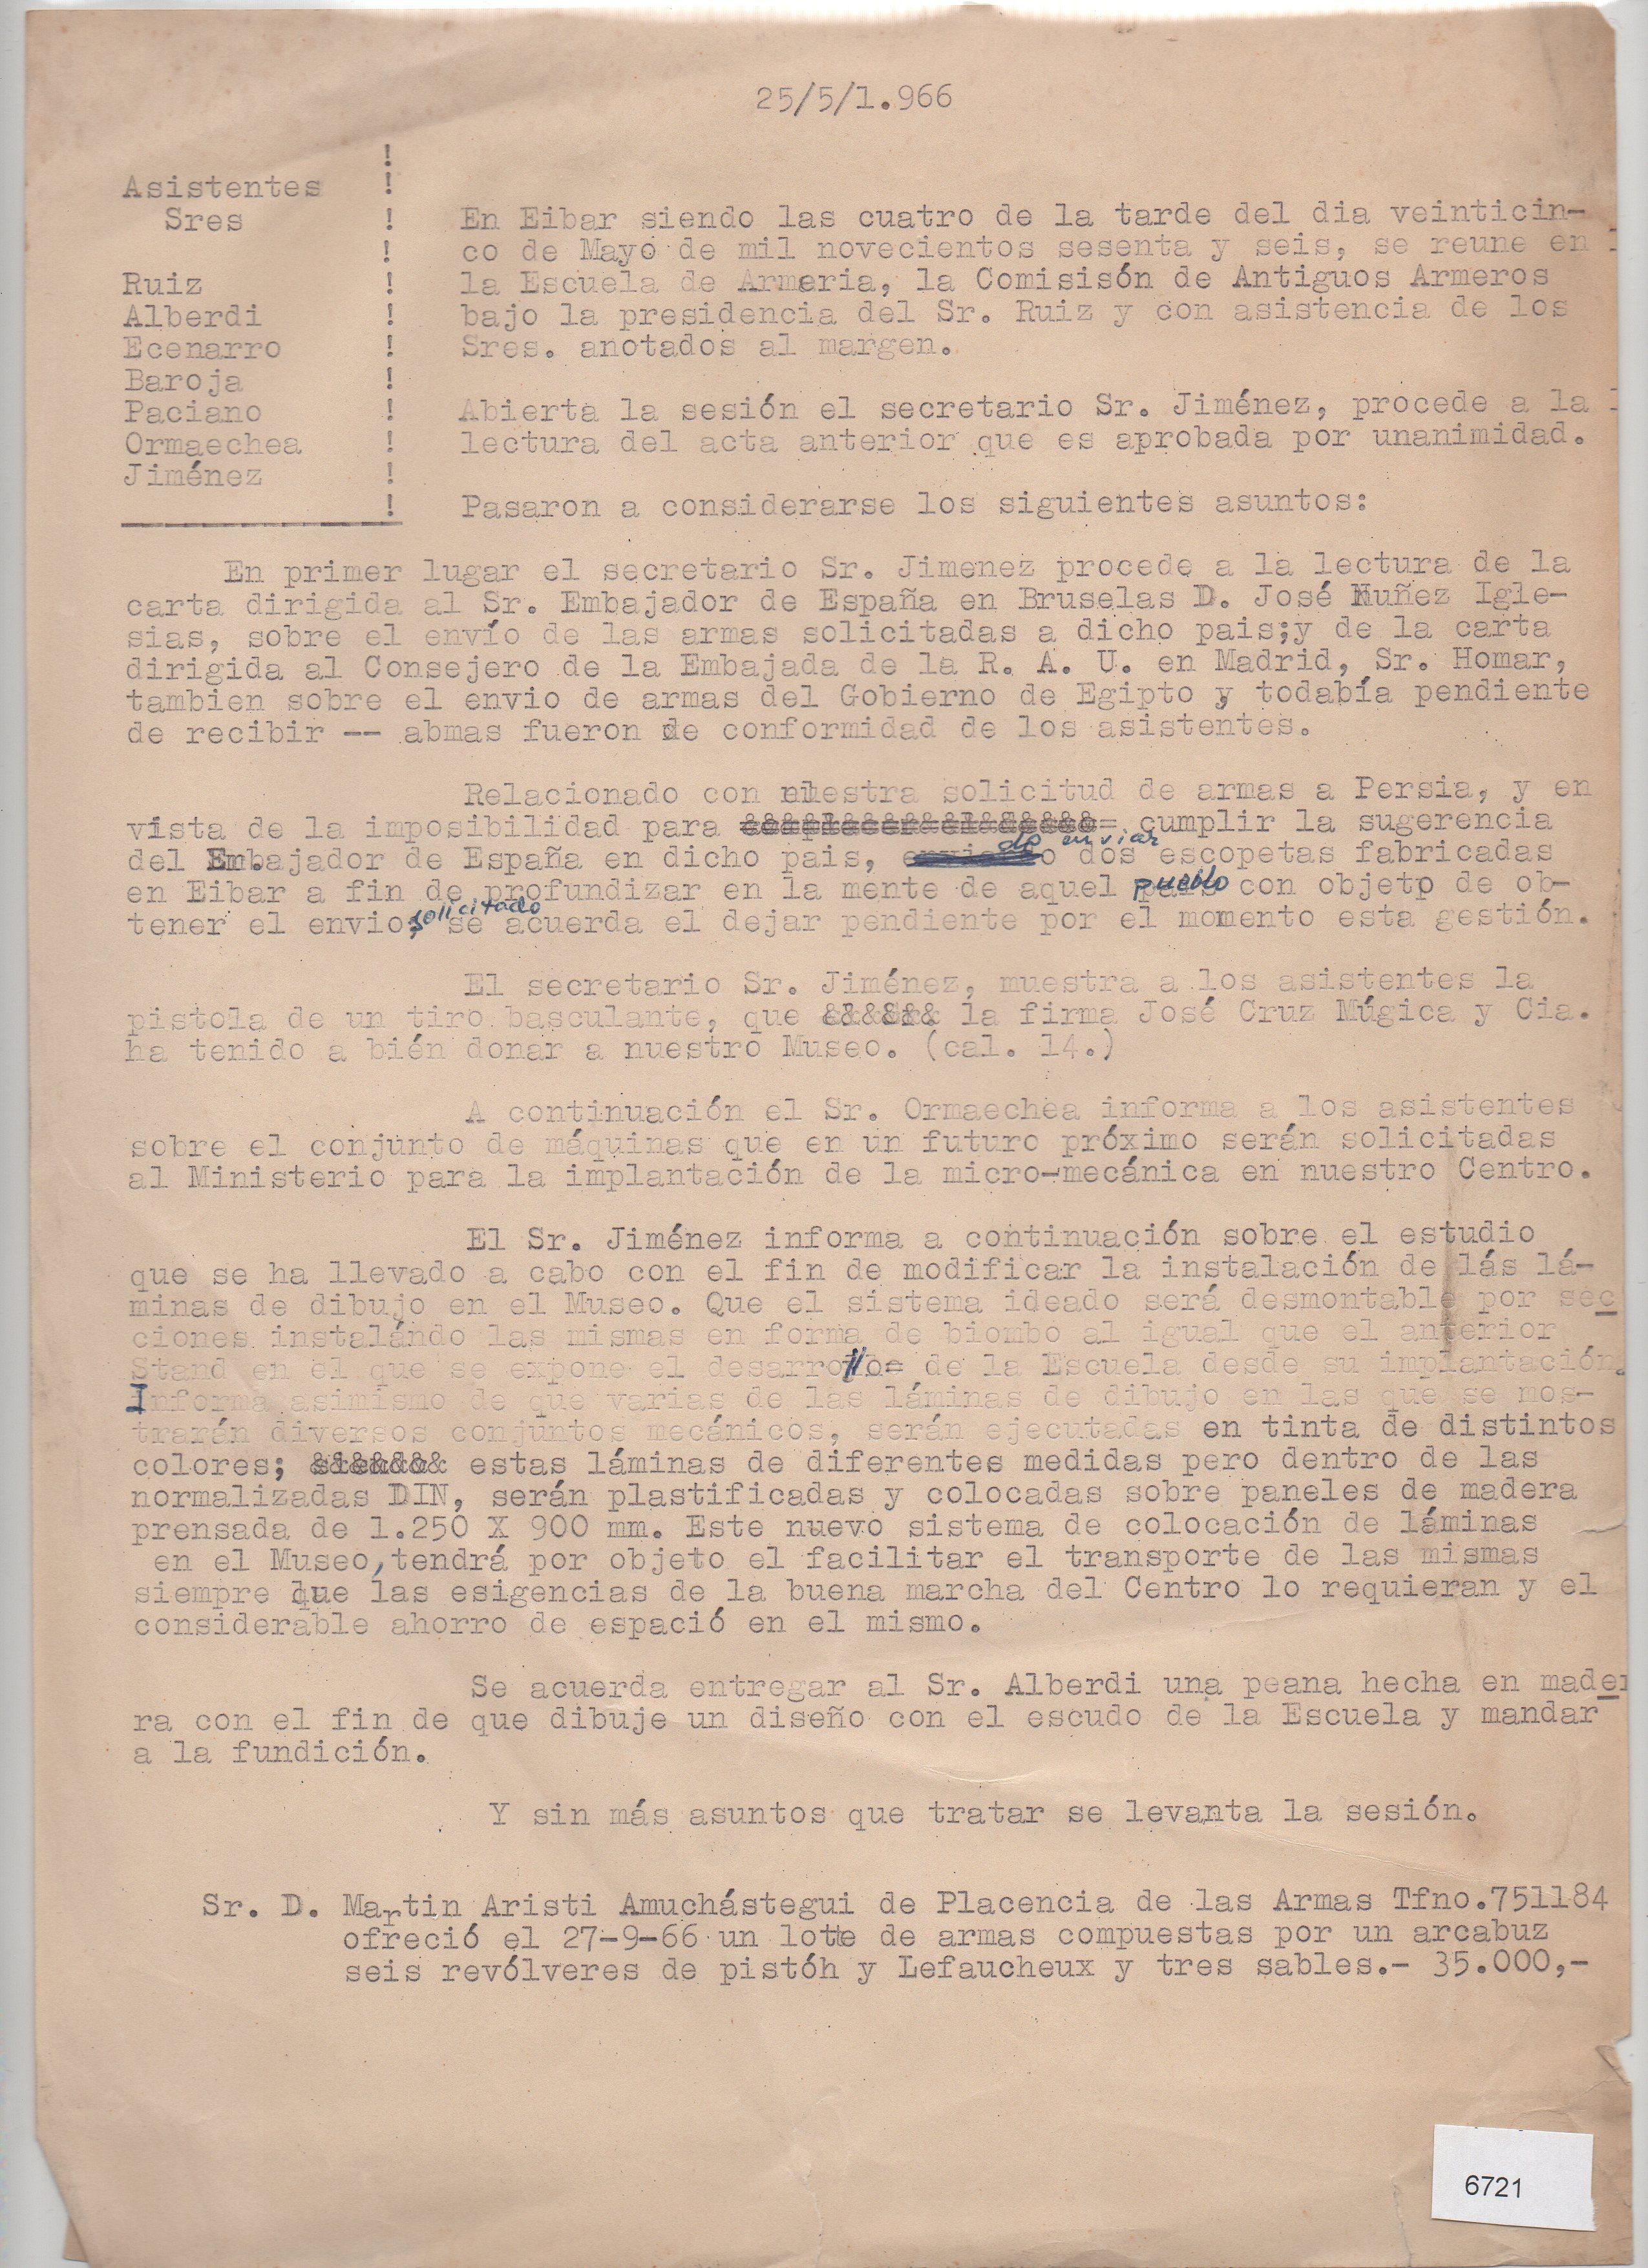 Acta original con correcciones sobre la reunión de la comisión de Antiguos Armeros